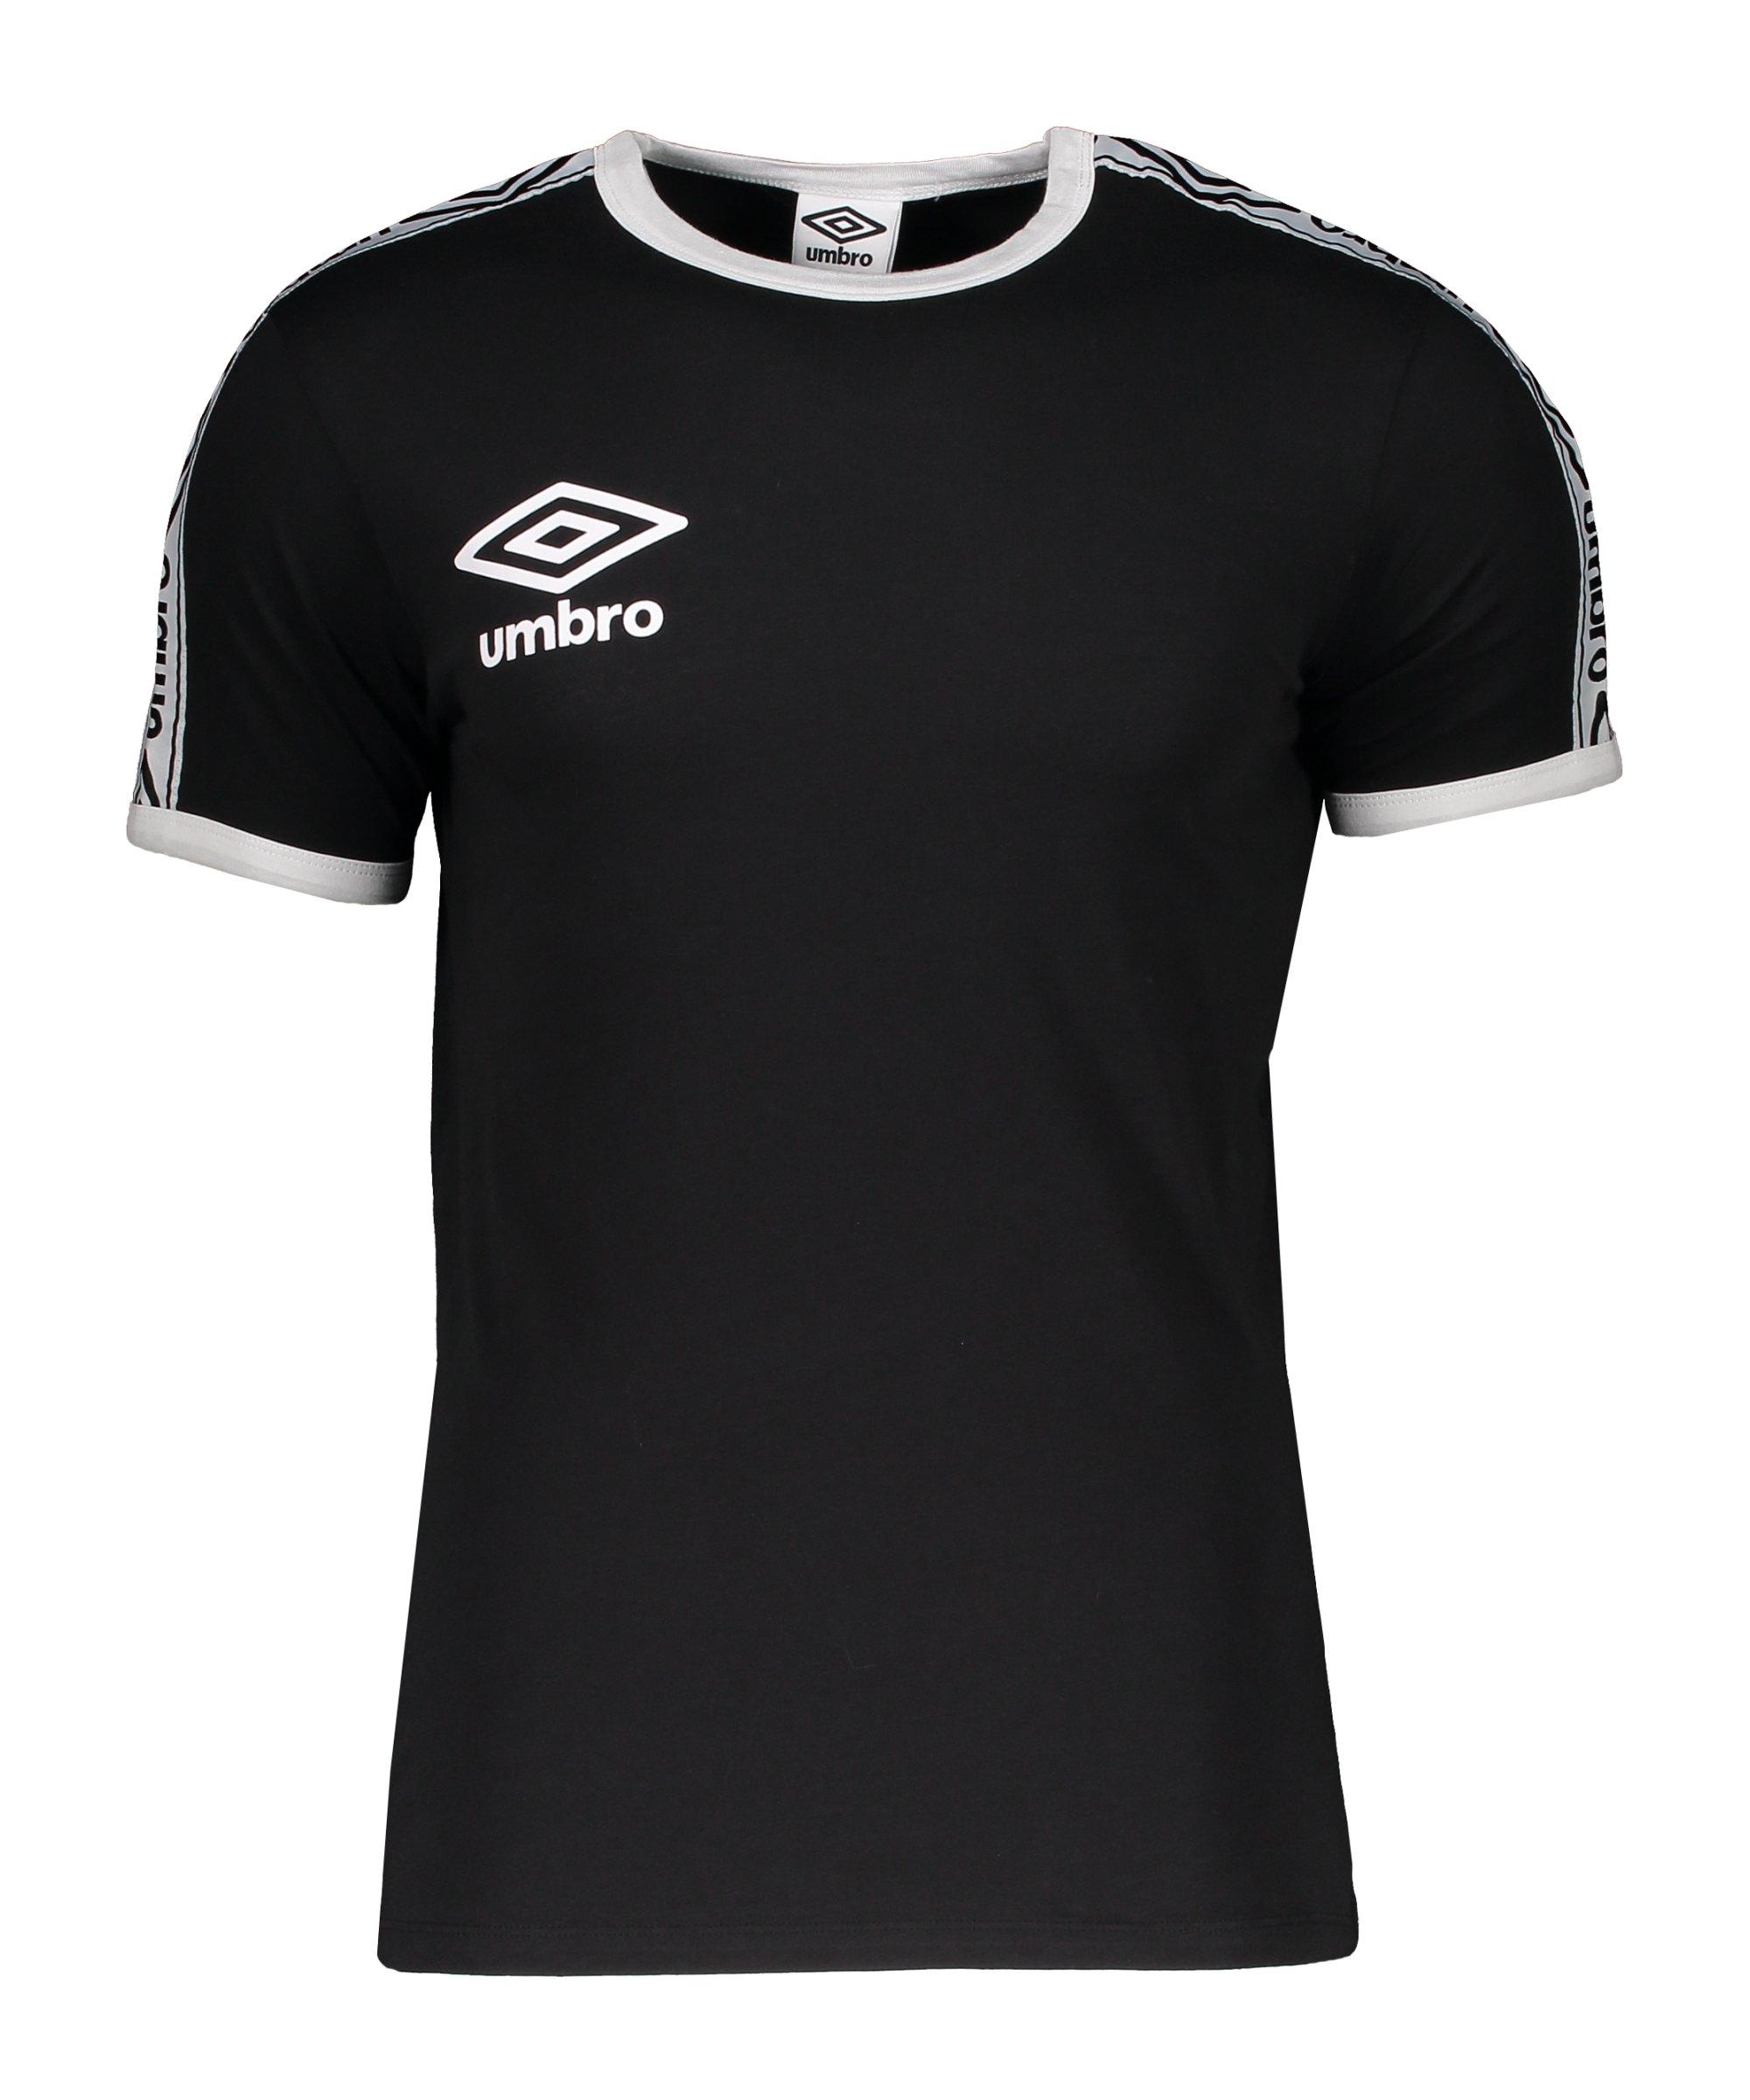 Umbro Ringer T-Shirt Schwarz FFL3 - schwarz